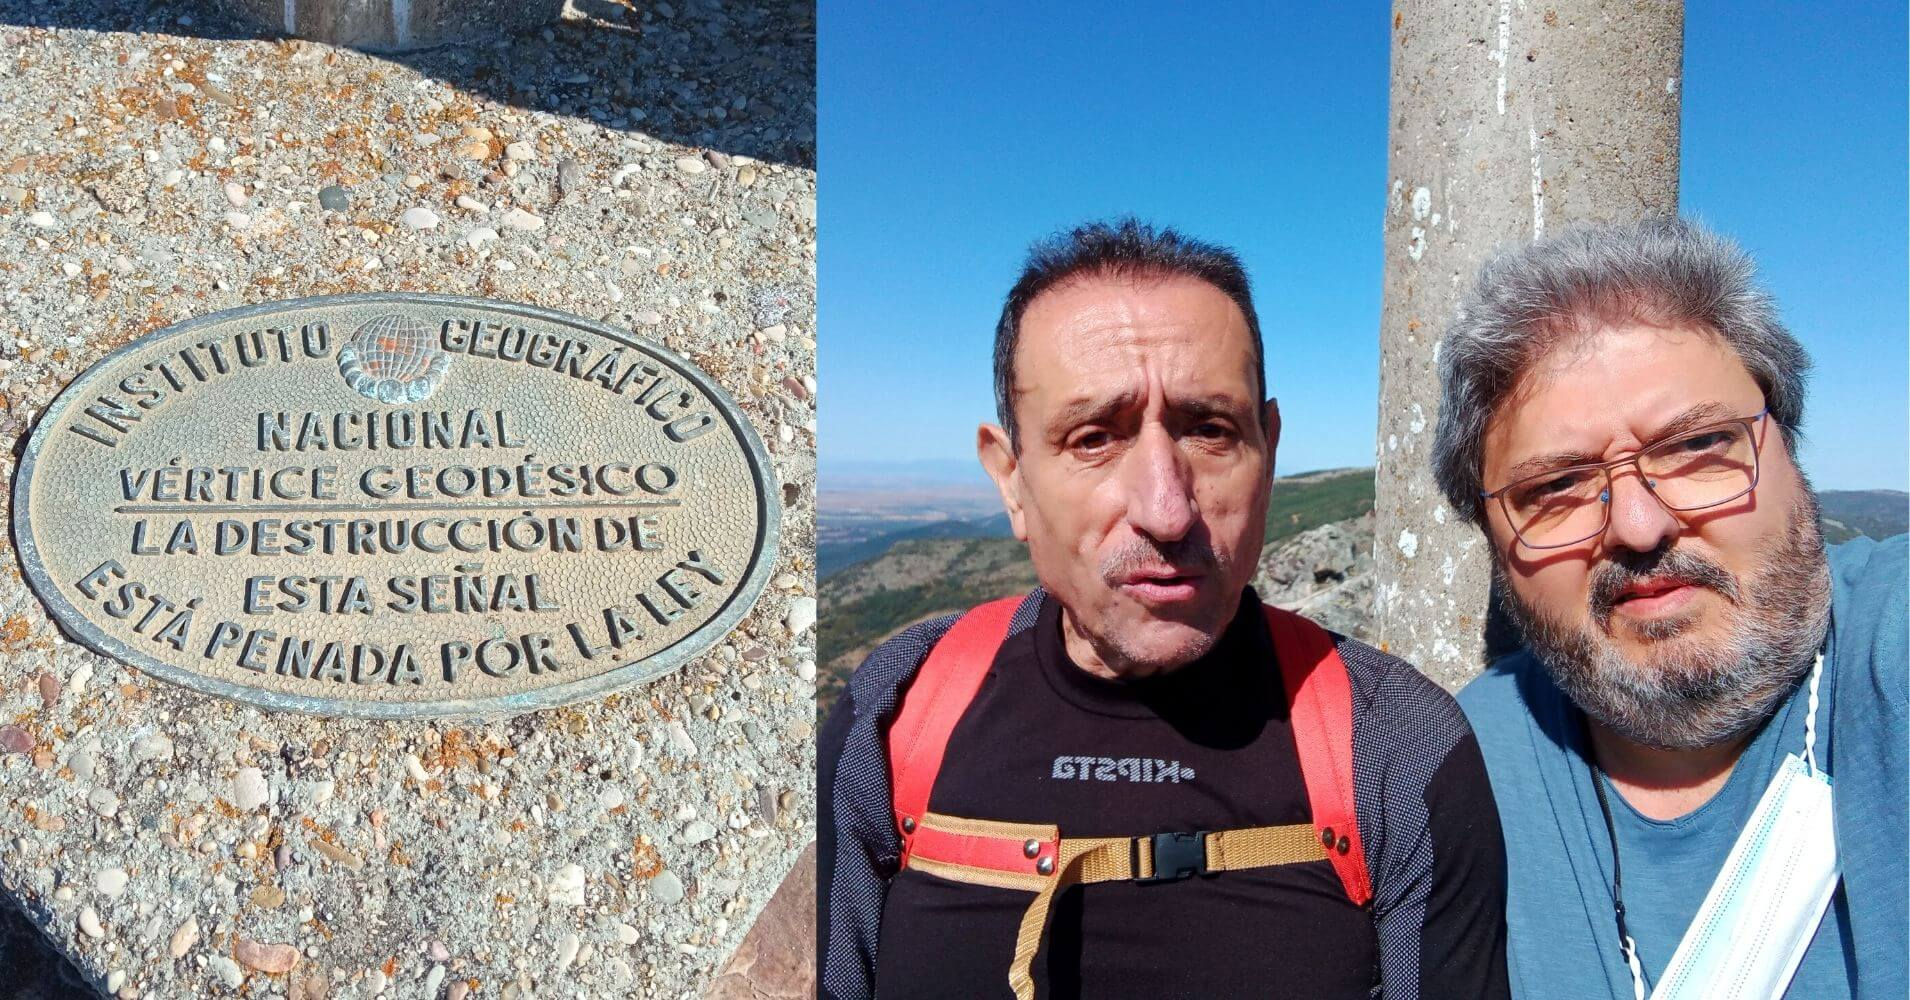 Cumbre y Vértice Geodésico del Cerro Vicente 1430m. Montes de Toledo. Las Navillas. Menasalbas, Castilla la Mancha.